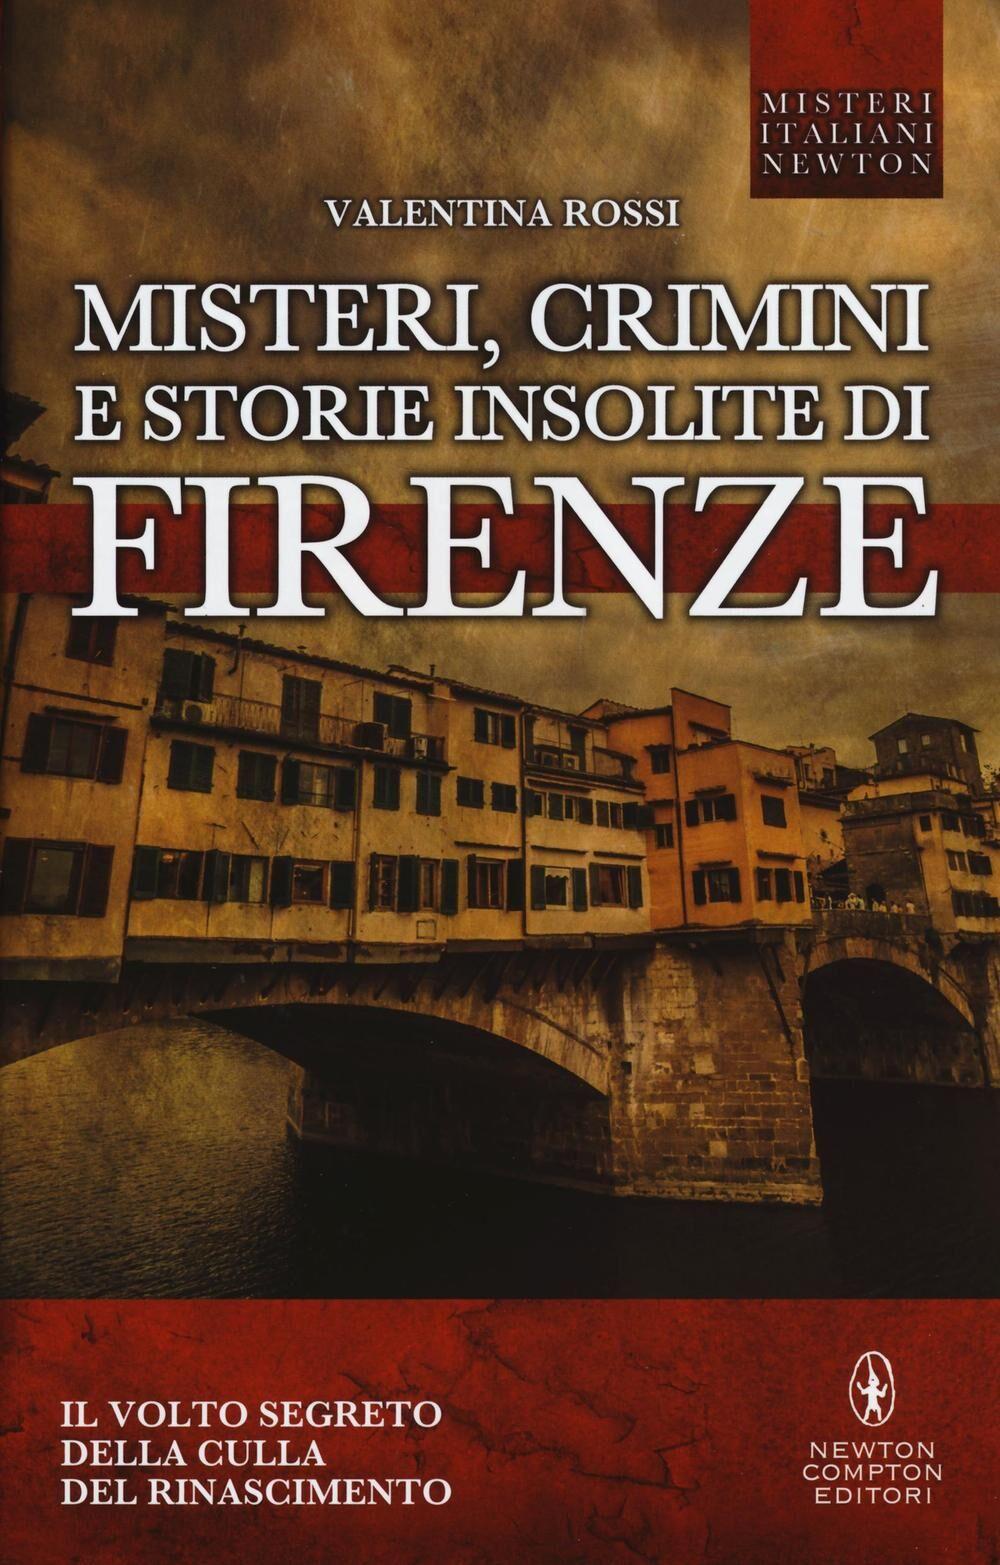 Misteri, crimini e storie insolite di Firenze. Il volto segreto della culla del Rinascimento